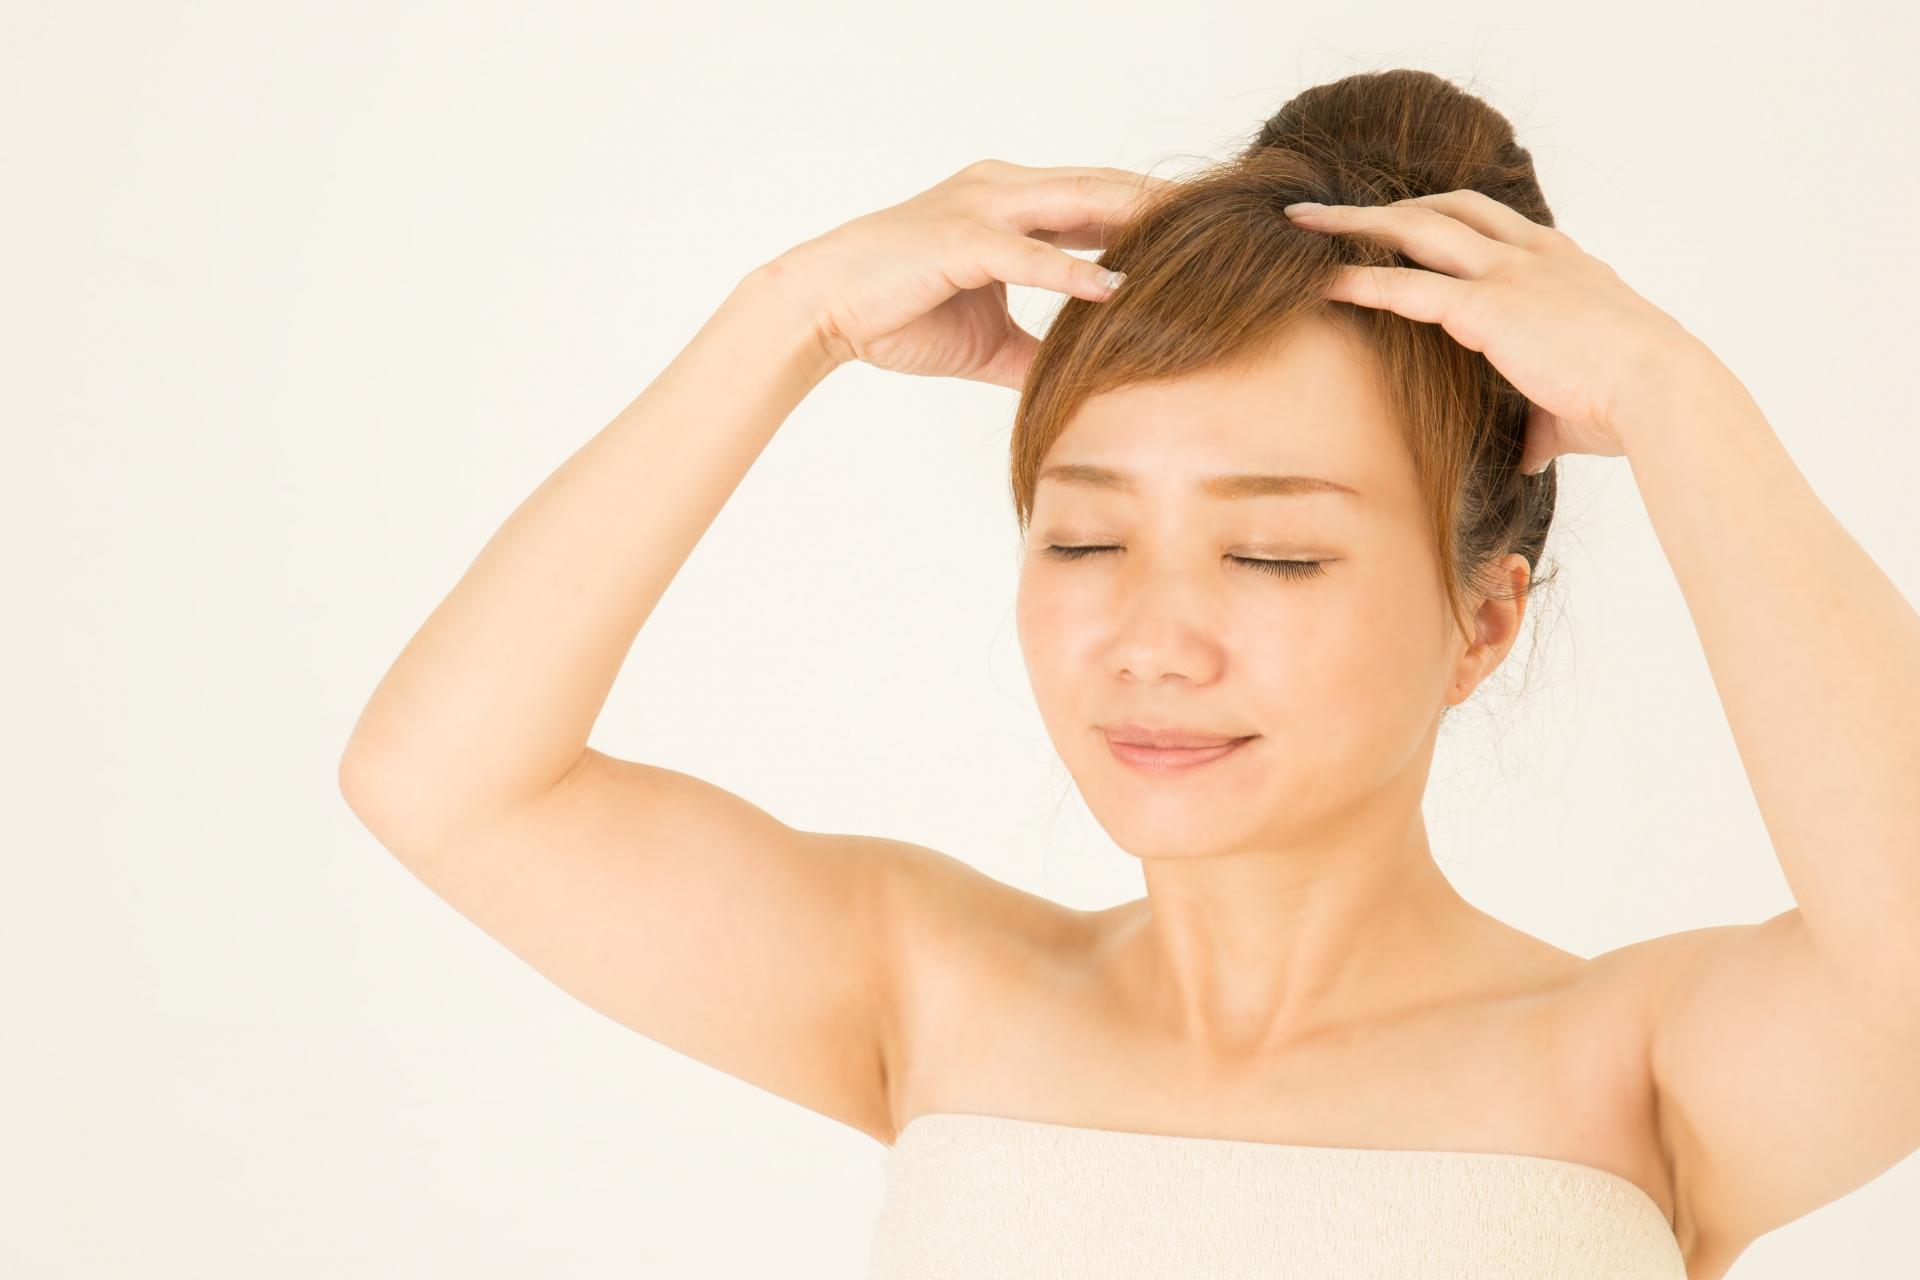 30秒で出来る!髪を育てるための簡単頭皮マッサージ